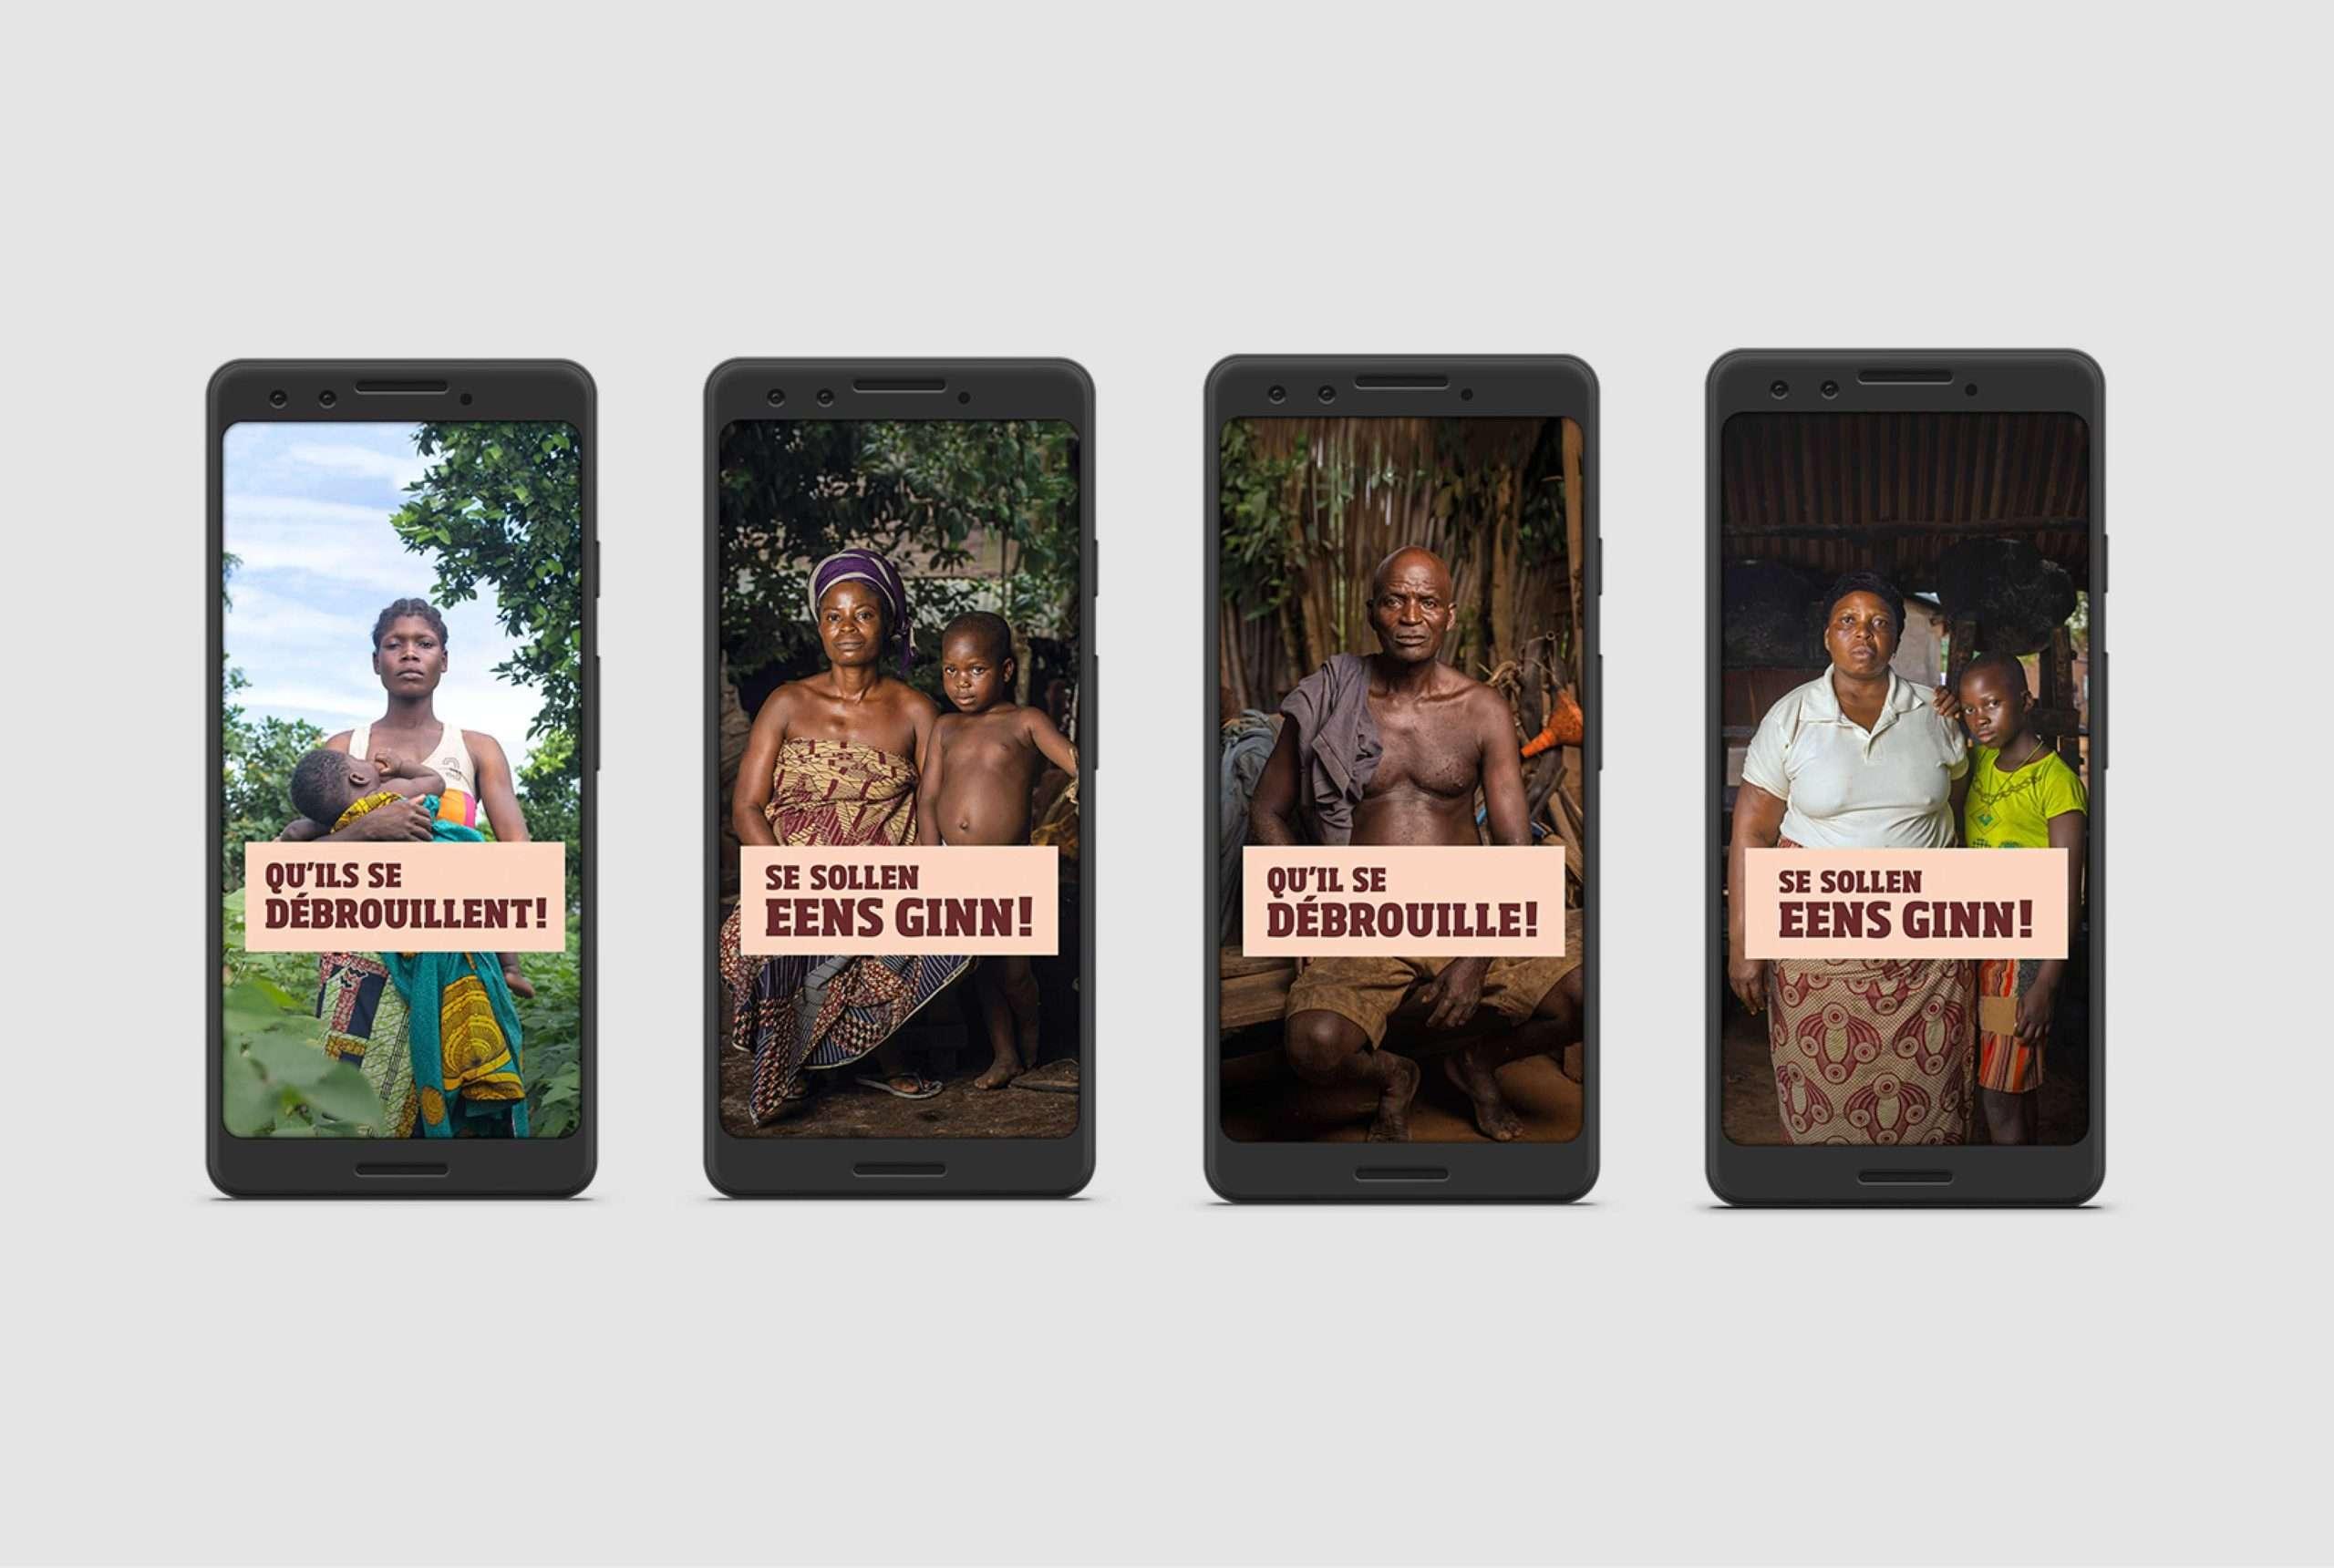 Campagne multicanale de Comed pour SOS Faim, affichage sur smartphone